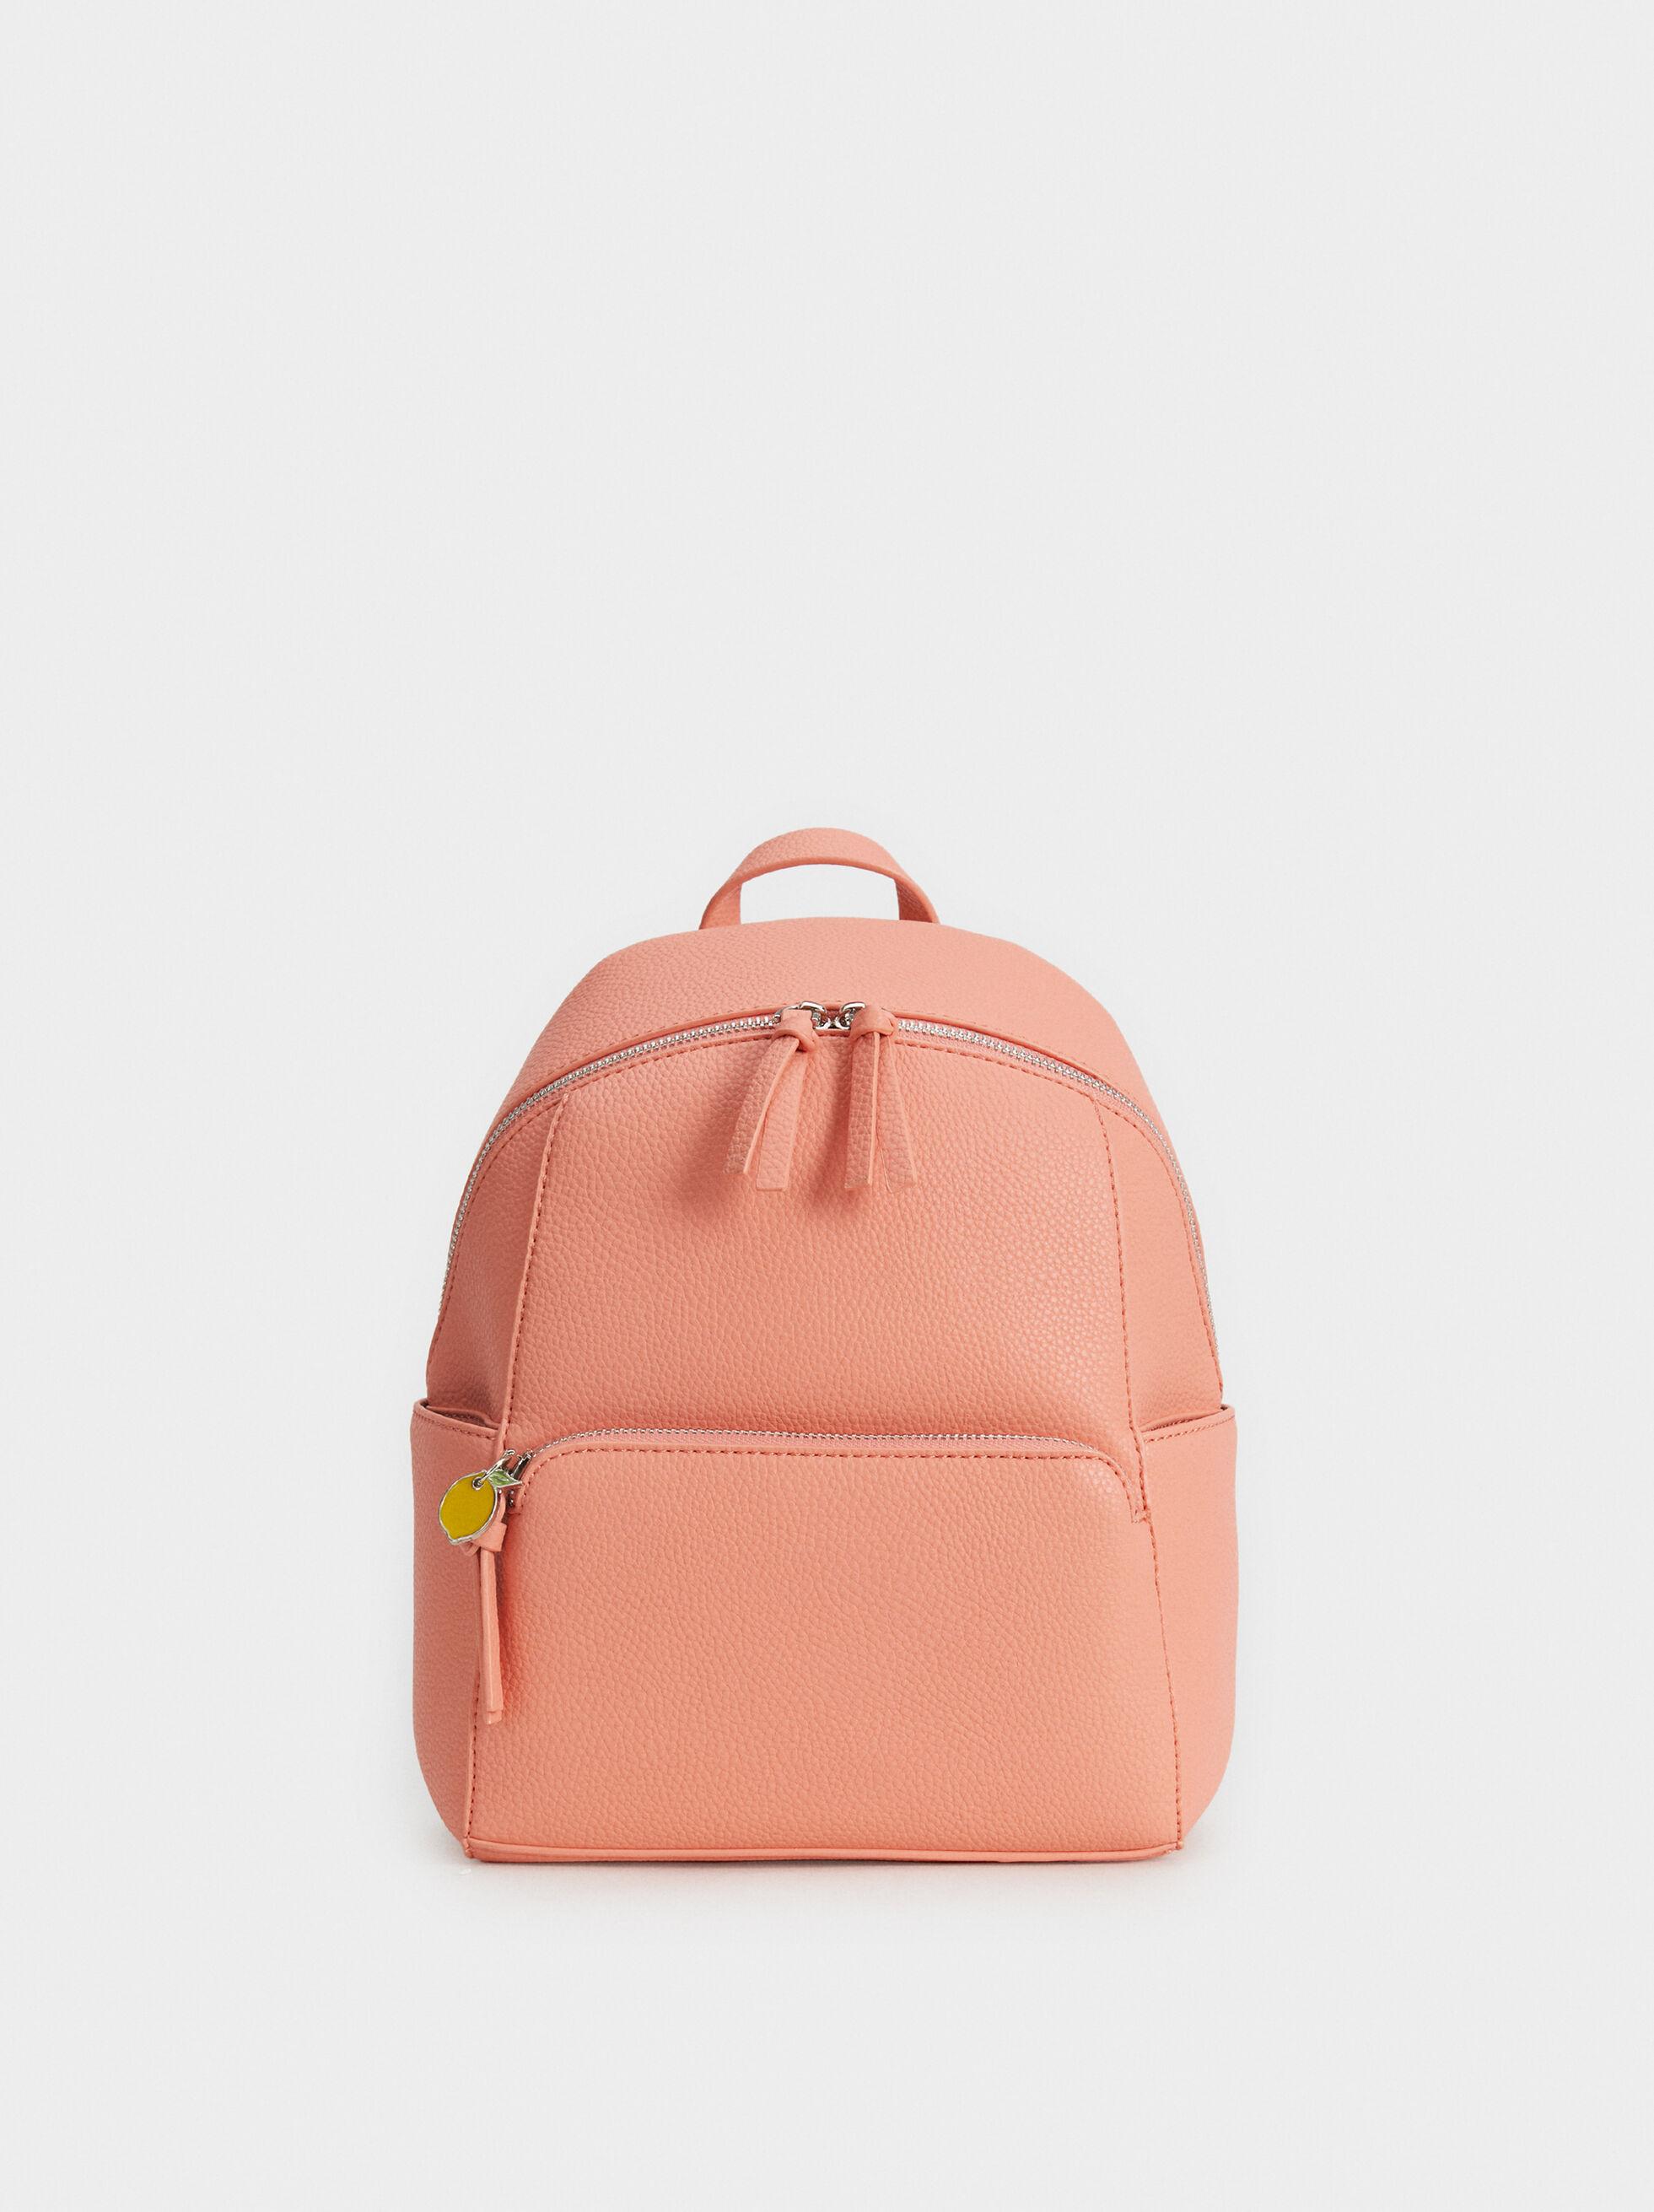 Backpack With Lemon Detail, , hi-res